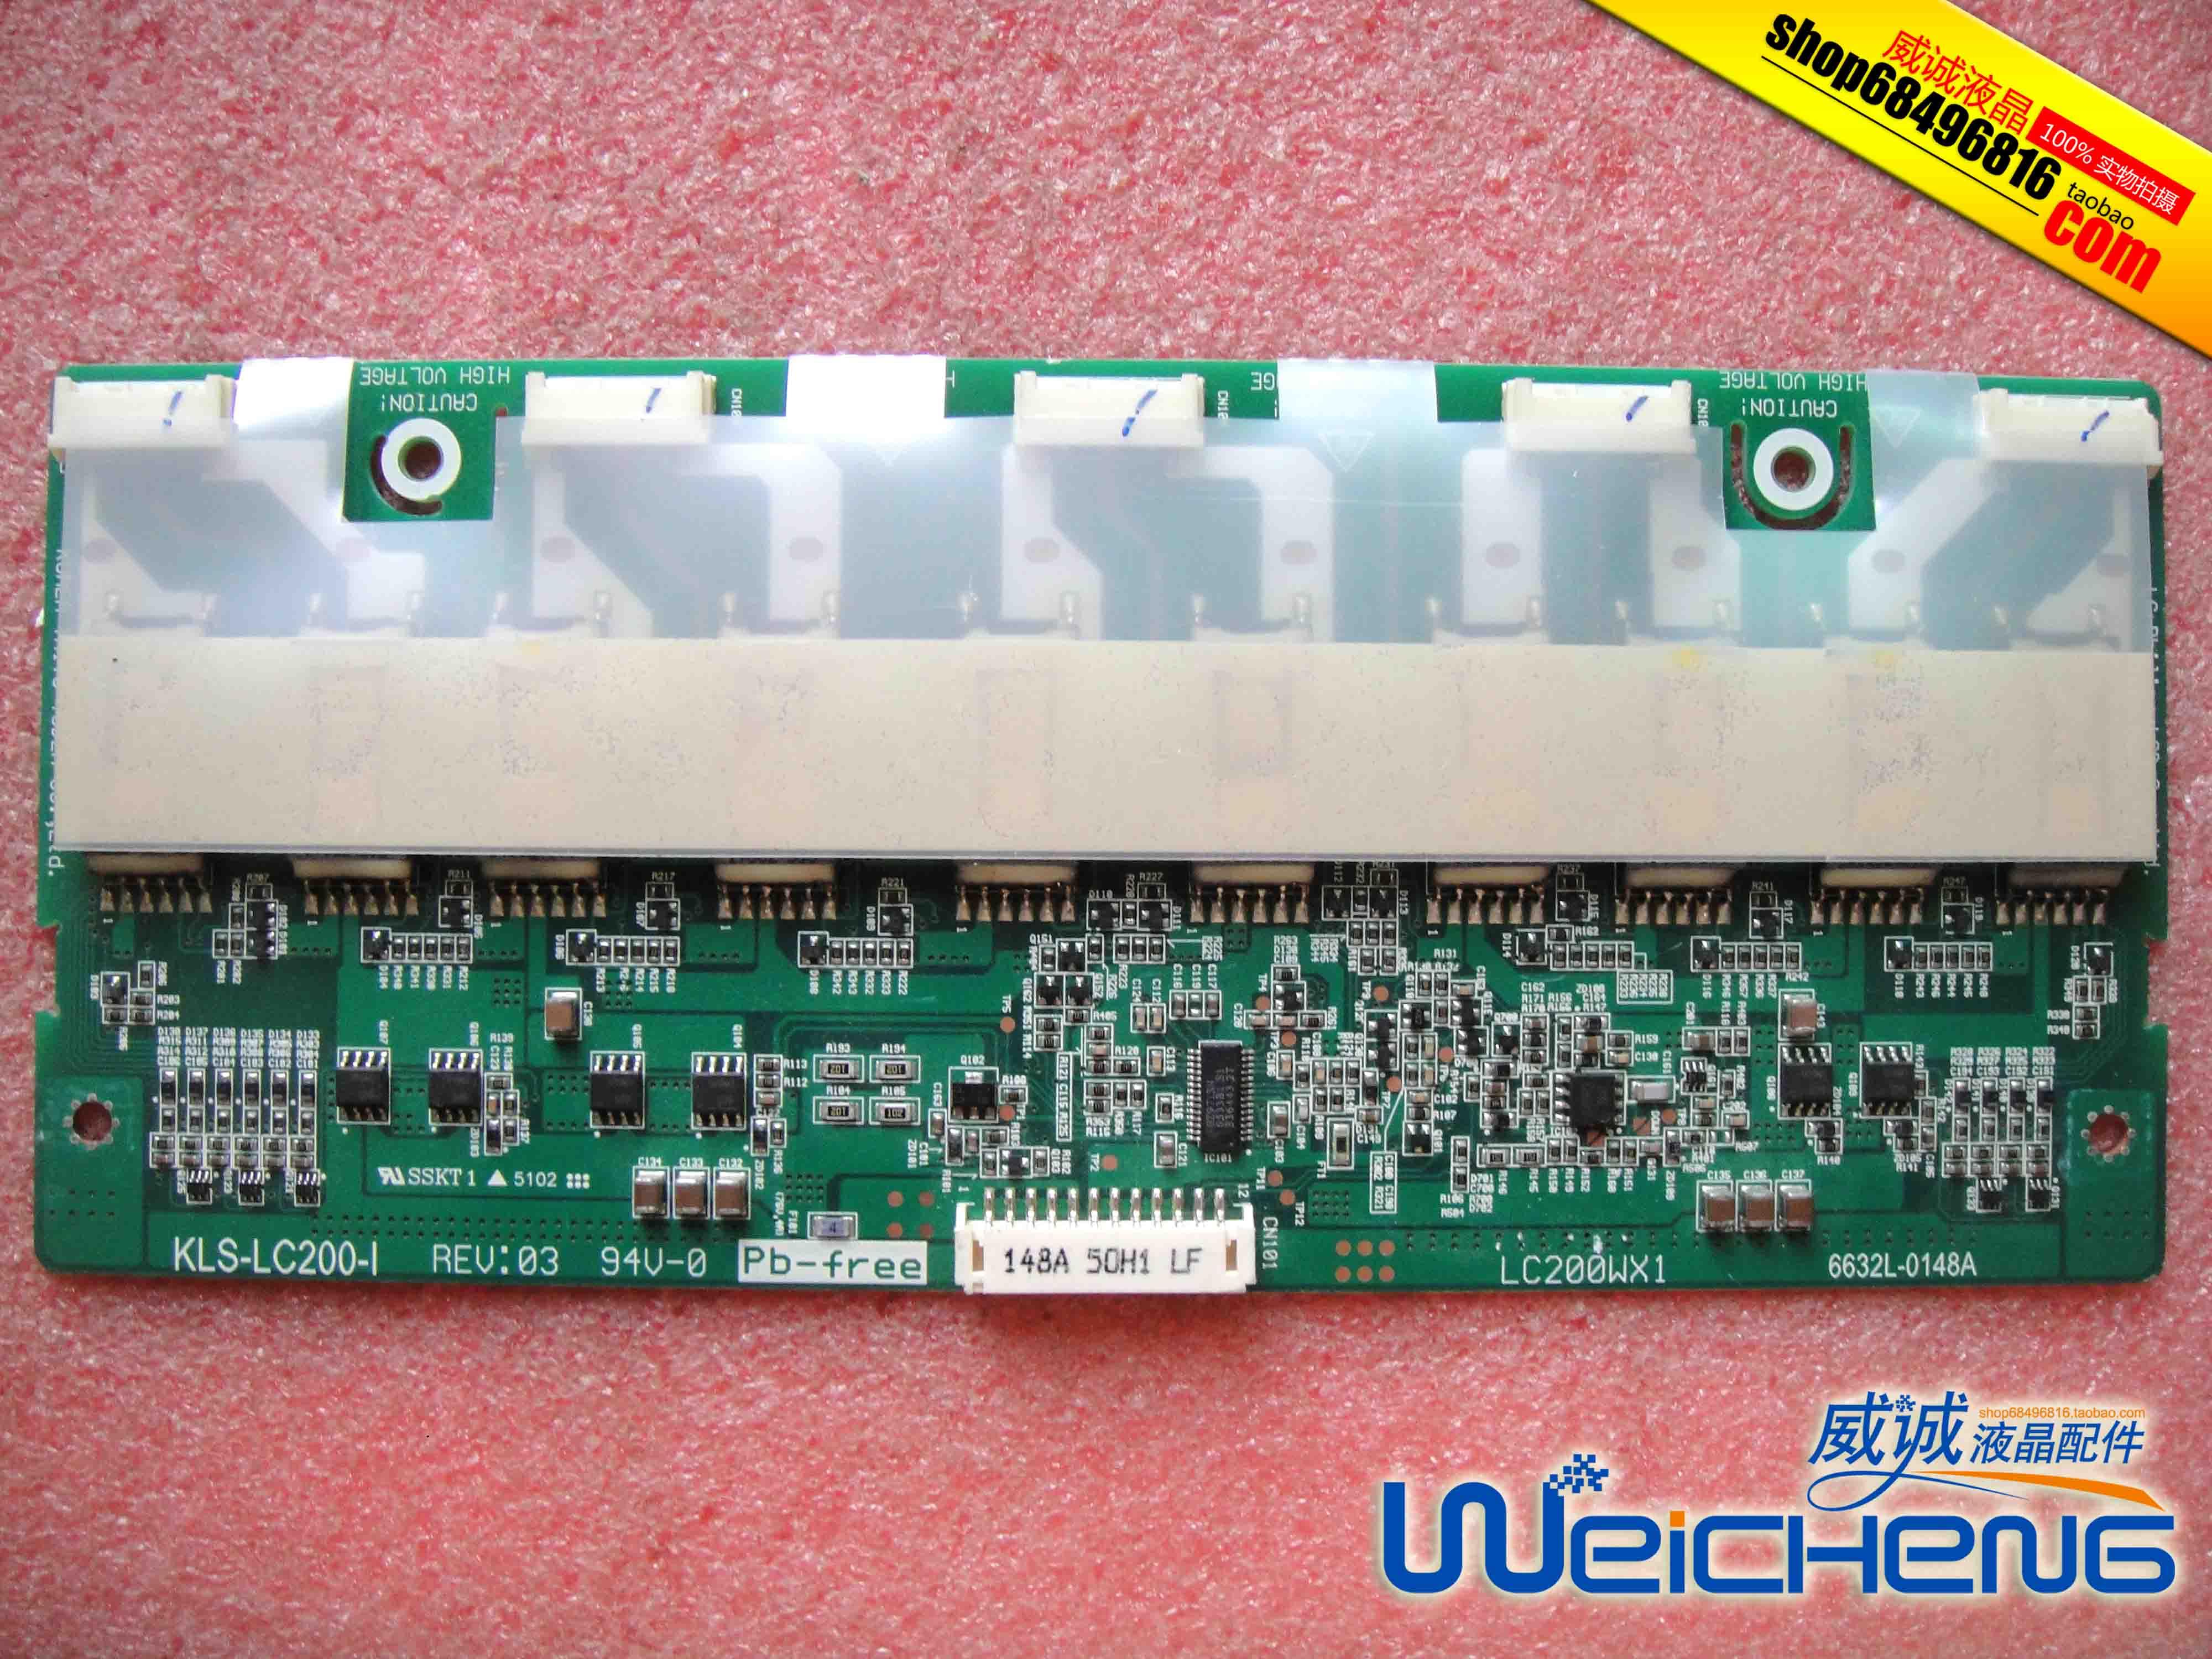 عالية الضغط لوحة KLS-LC200-1 6632L-0148A